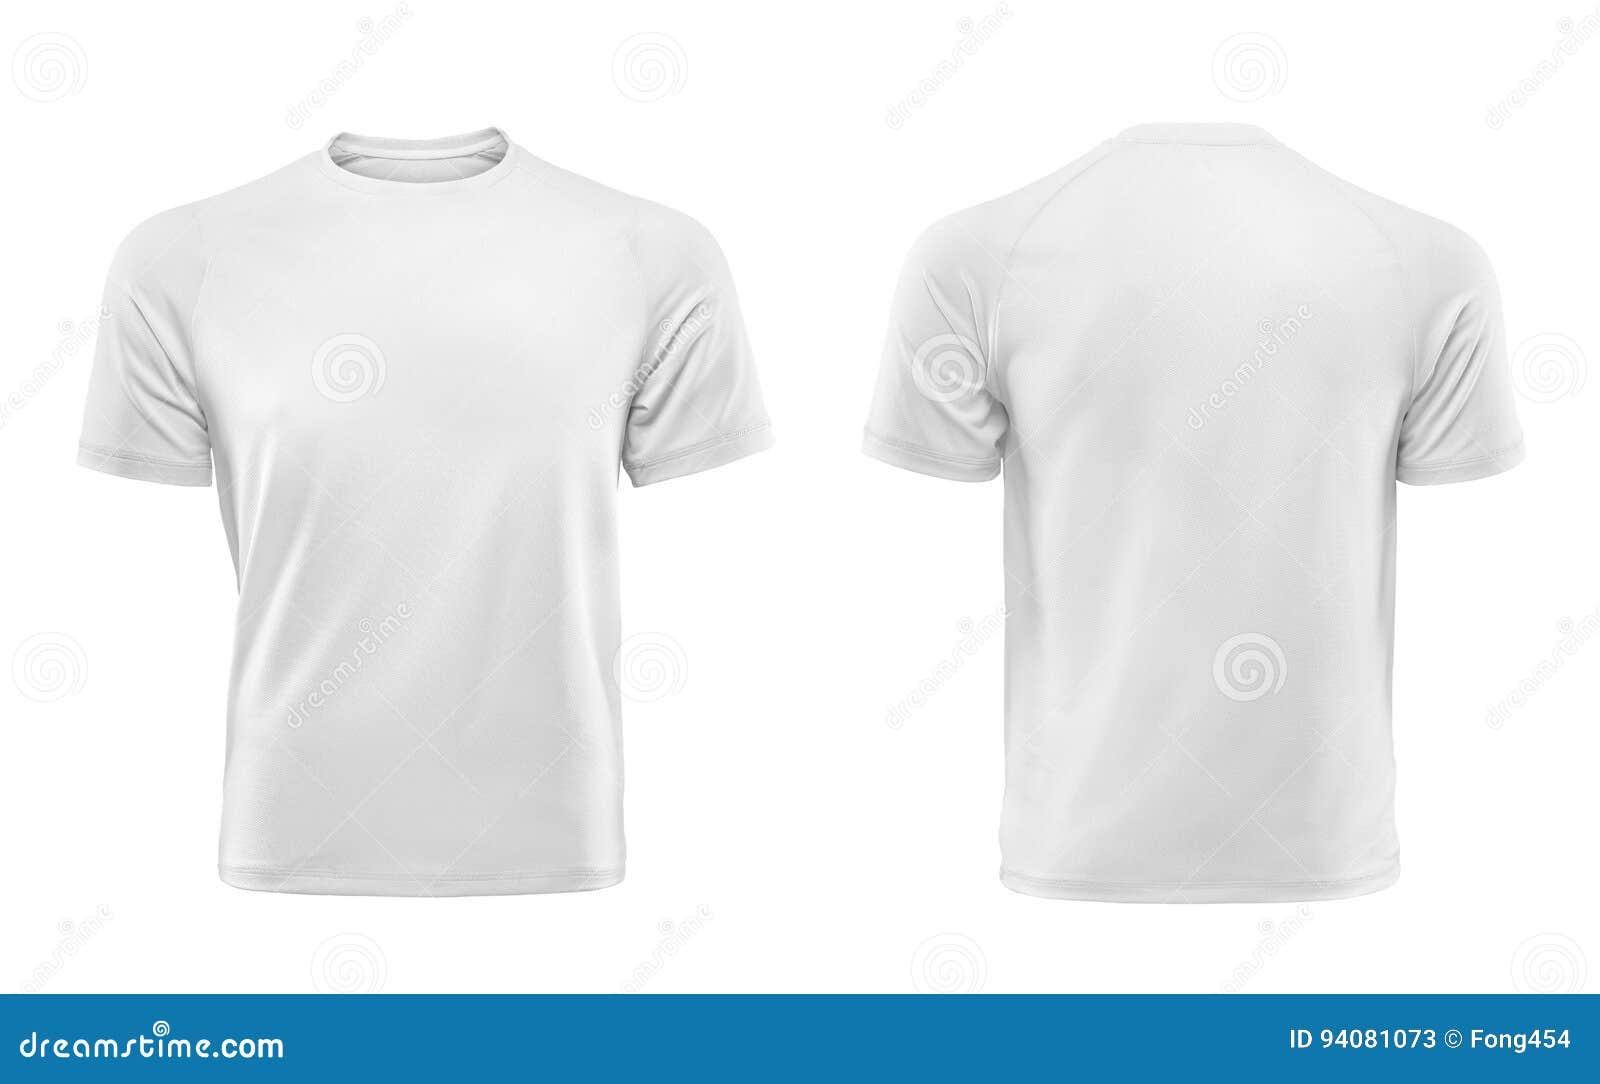 Άσπρο πρότυπο σχεδίου μπλουζών που απομονώνεται στο άσπρο υπόβαθρο